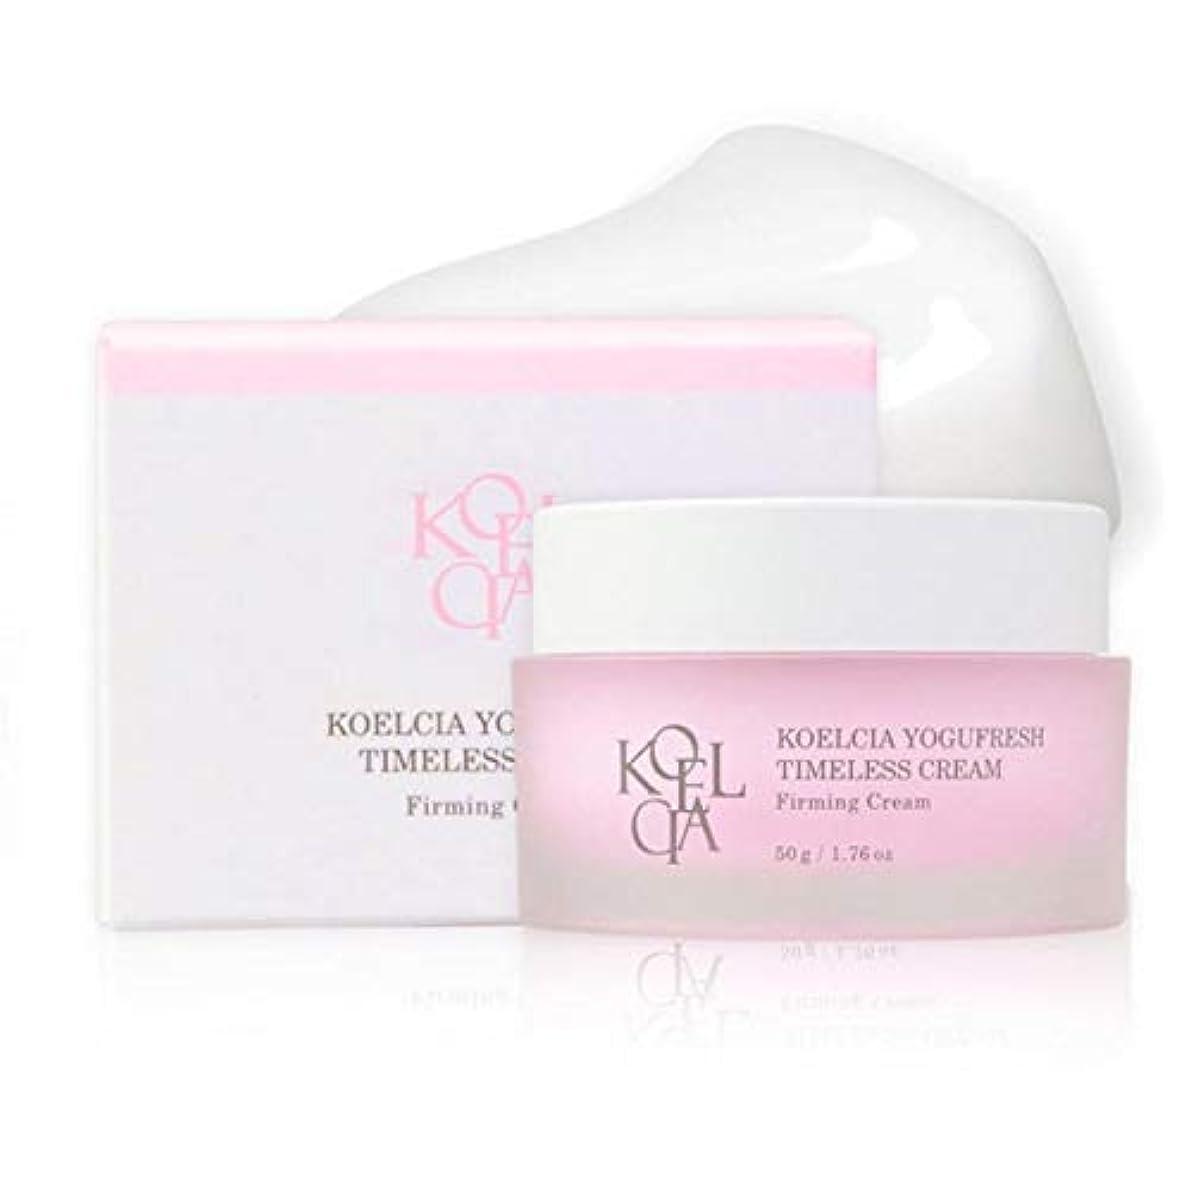 に頼るバイナリベジタリアン[KOELCIA] YOGUFRESH TIMELESS CREAM 50g/Most Hot K-Beauty Firming/Wrinkle Care Cream/Korea Cosmetics [並行輸入品]